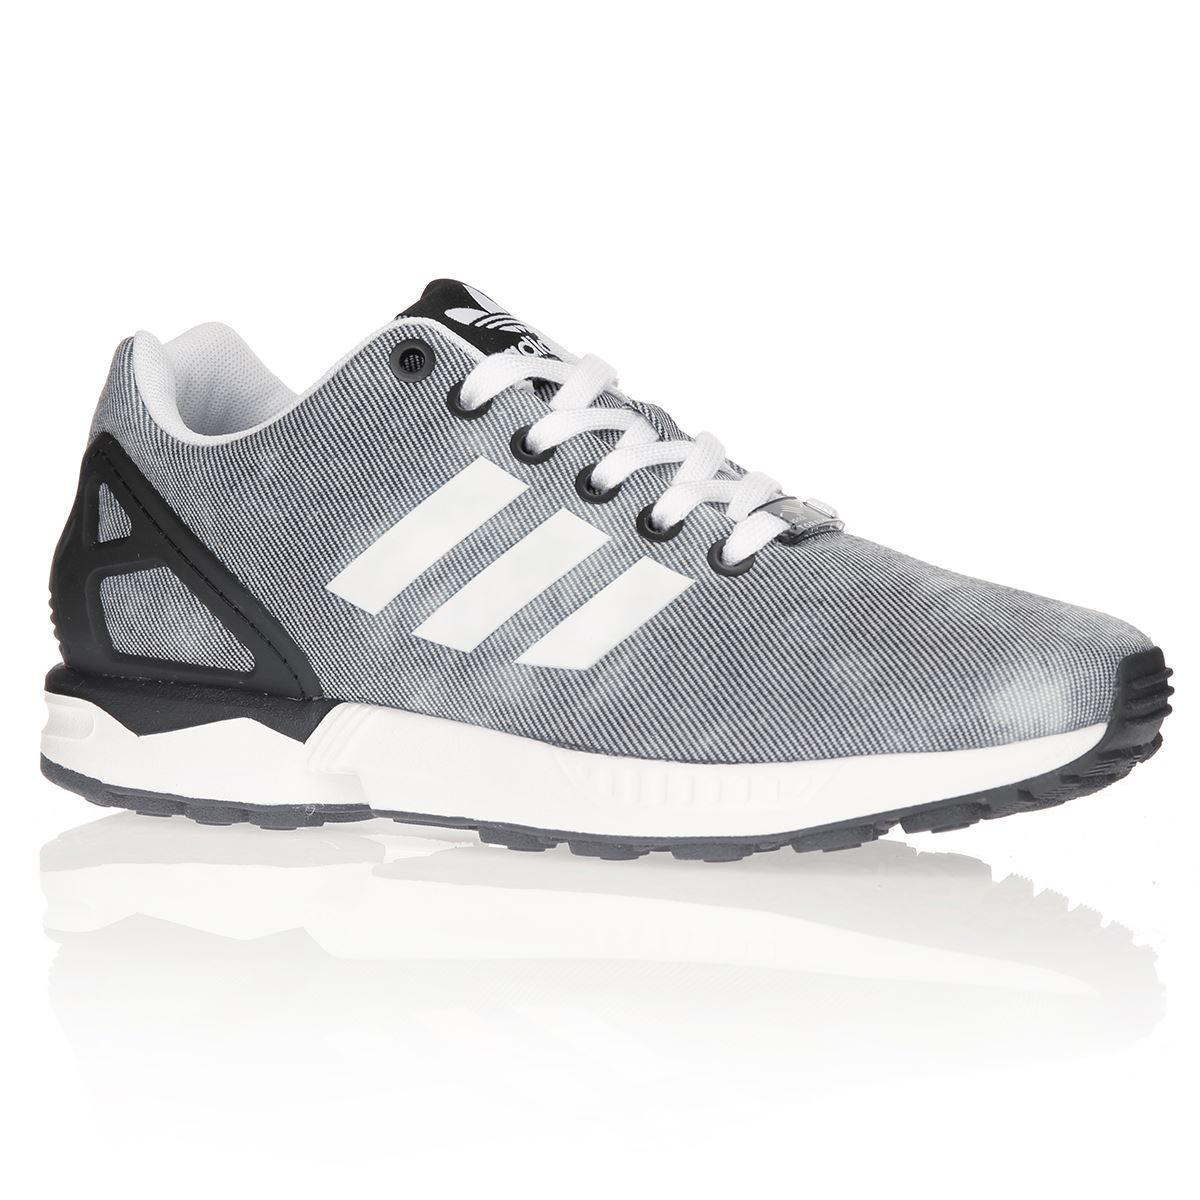 Adidas Original Zx Flux Homme